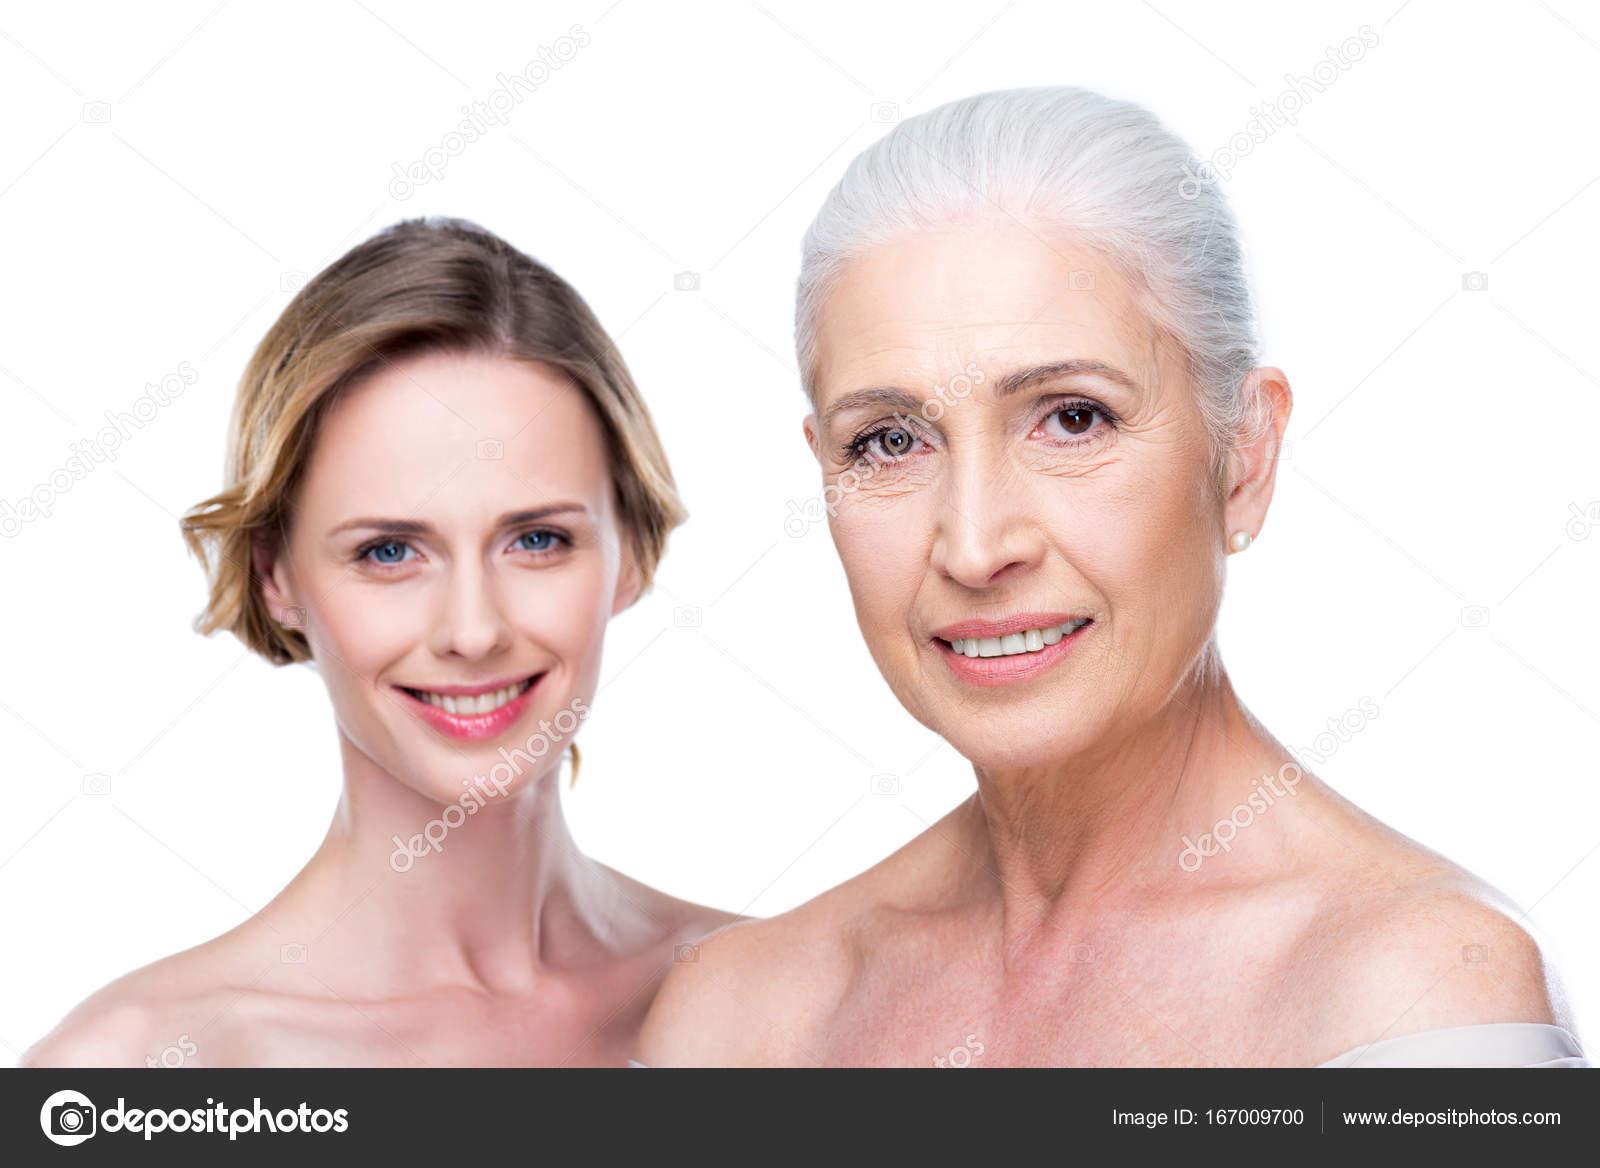 дочка и мама обнаженные № 823461 без смс